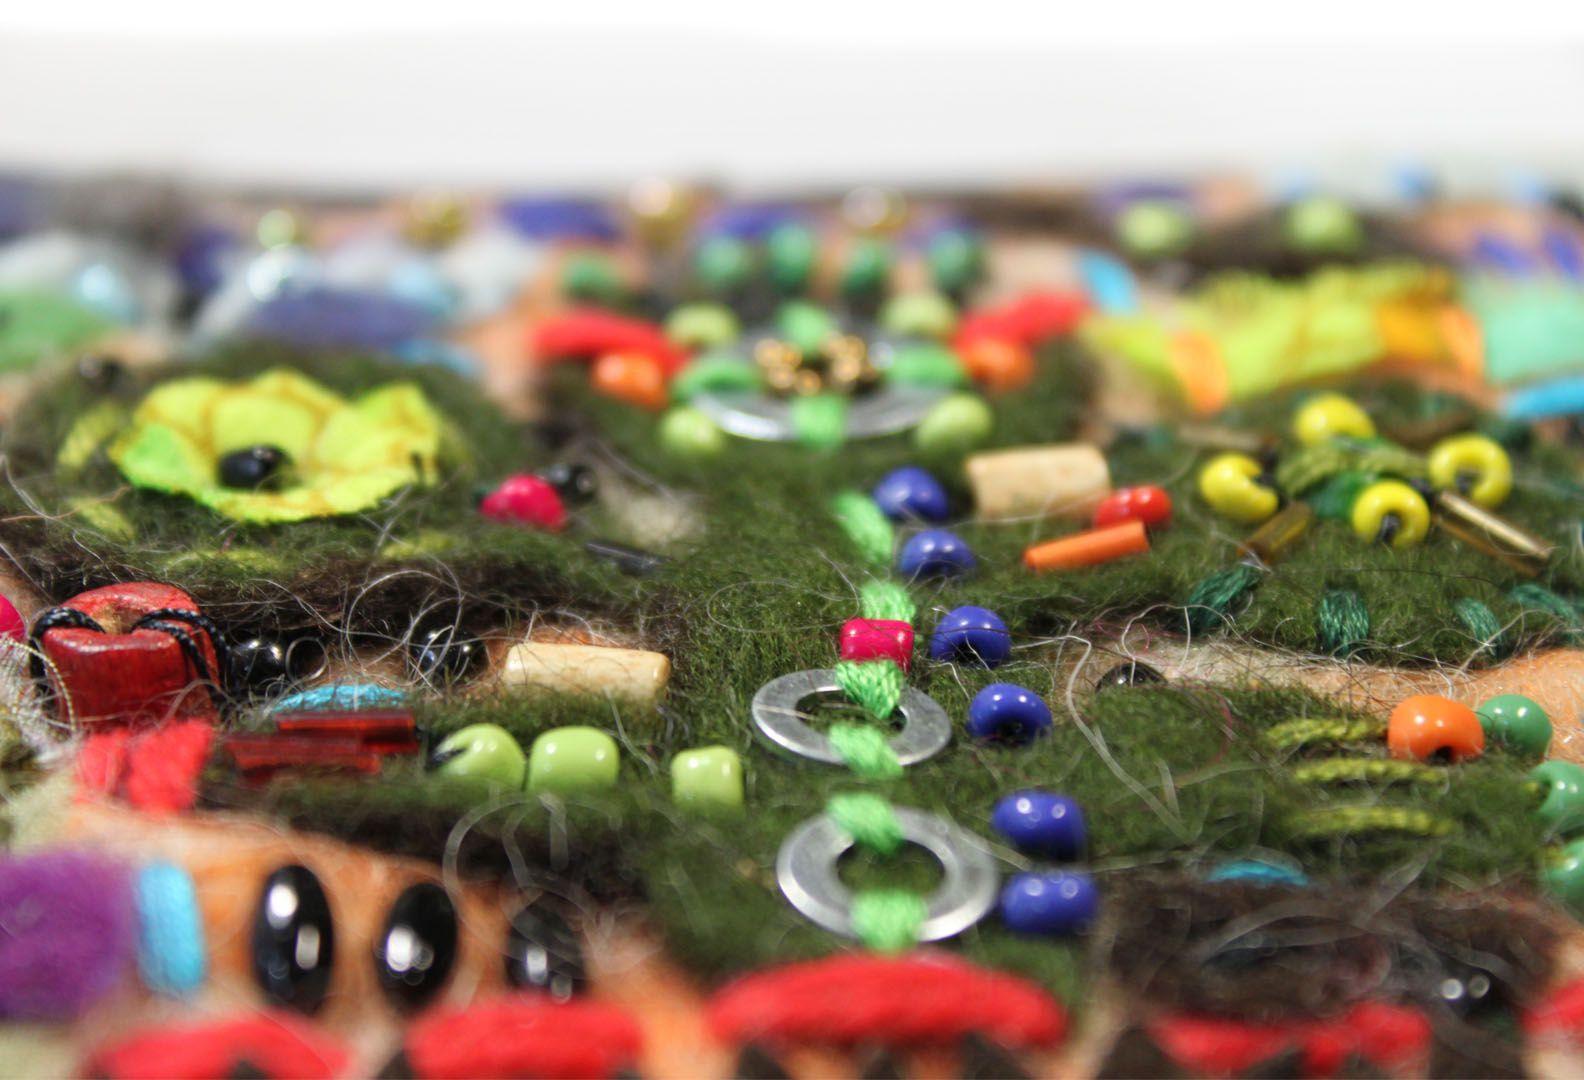 бохоброшки войлок техноэтно вышивка декоративноепанно арттекстиль дерево смешаннаятехника